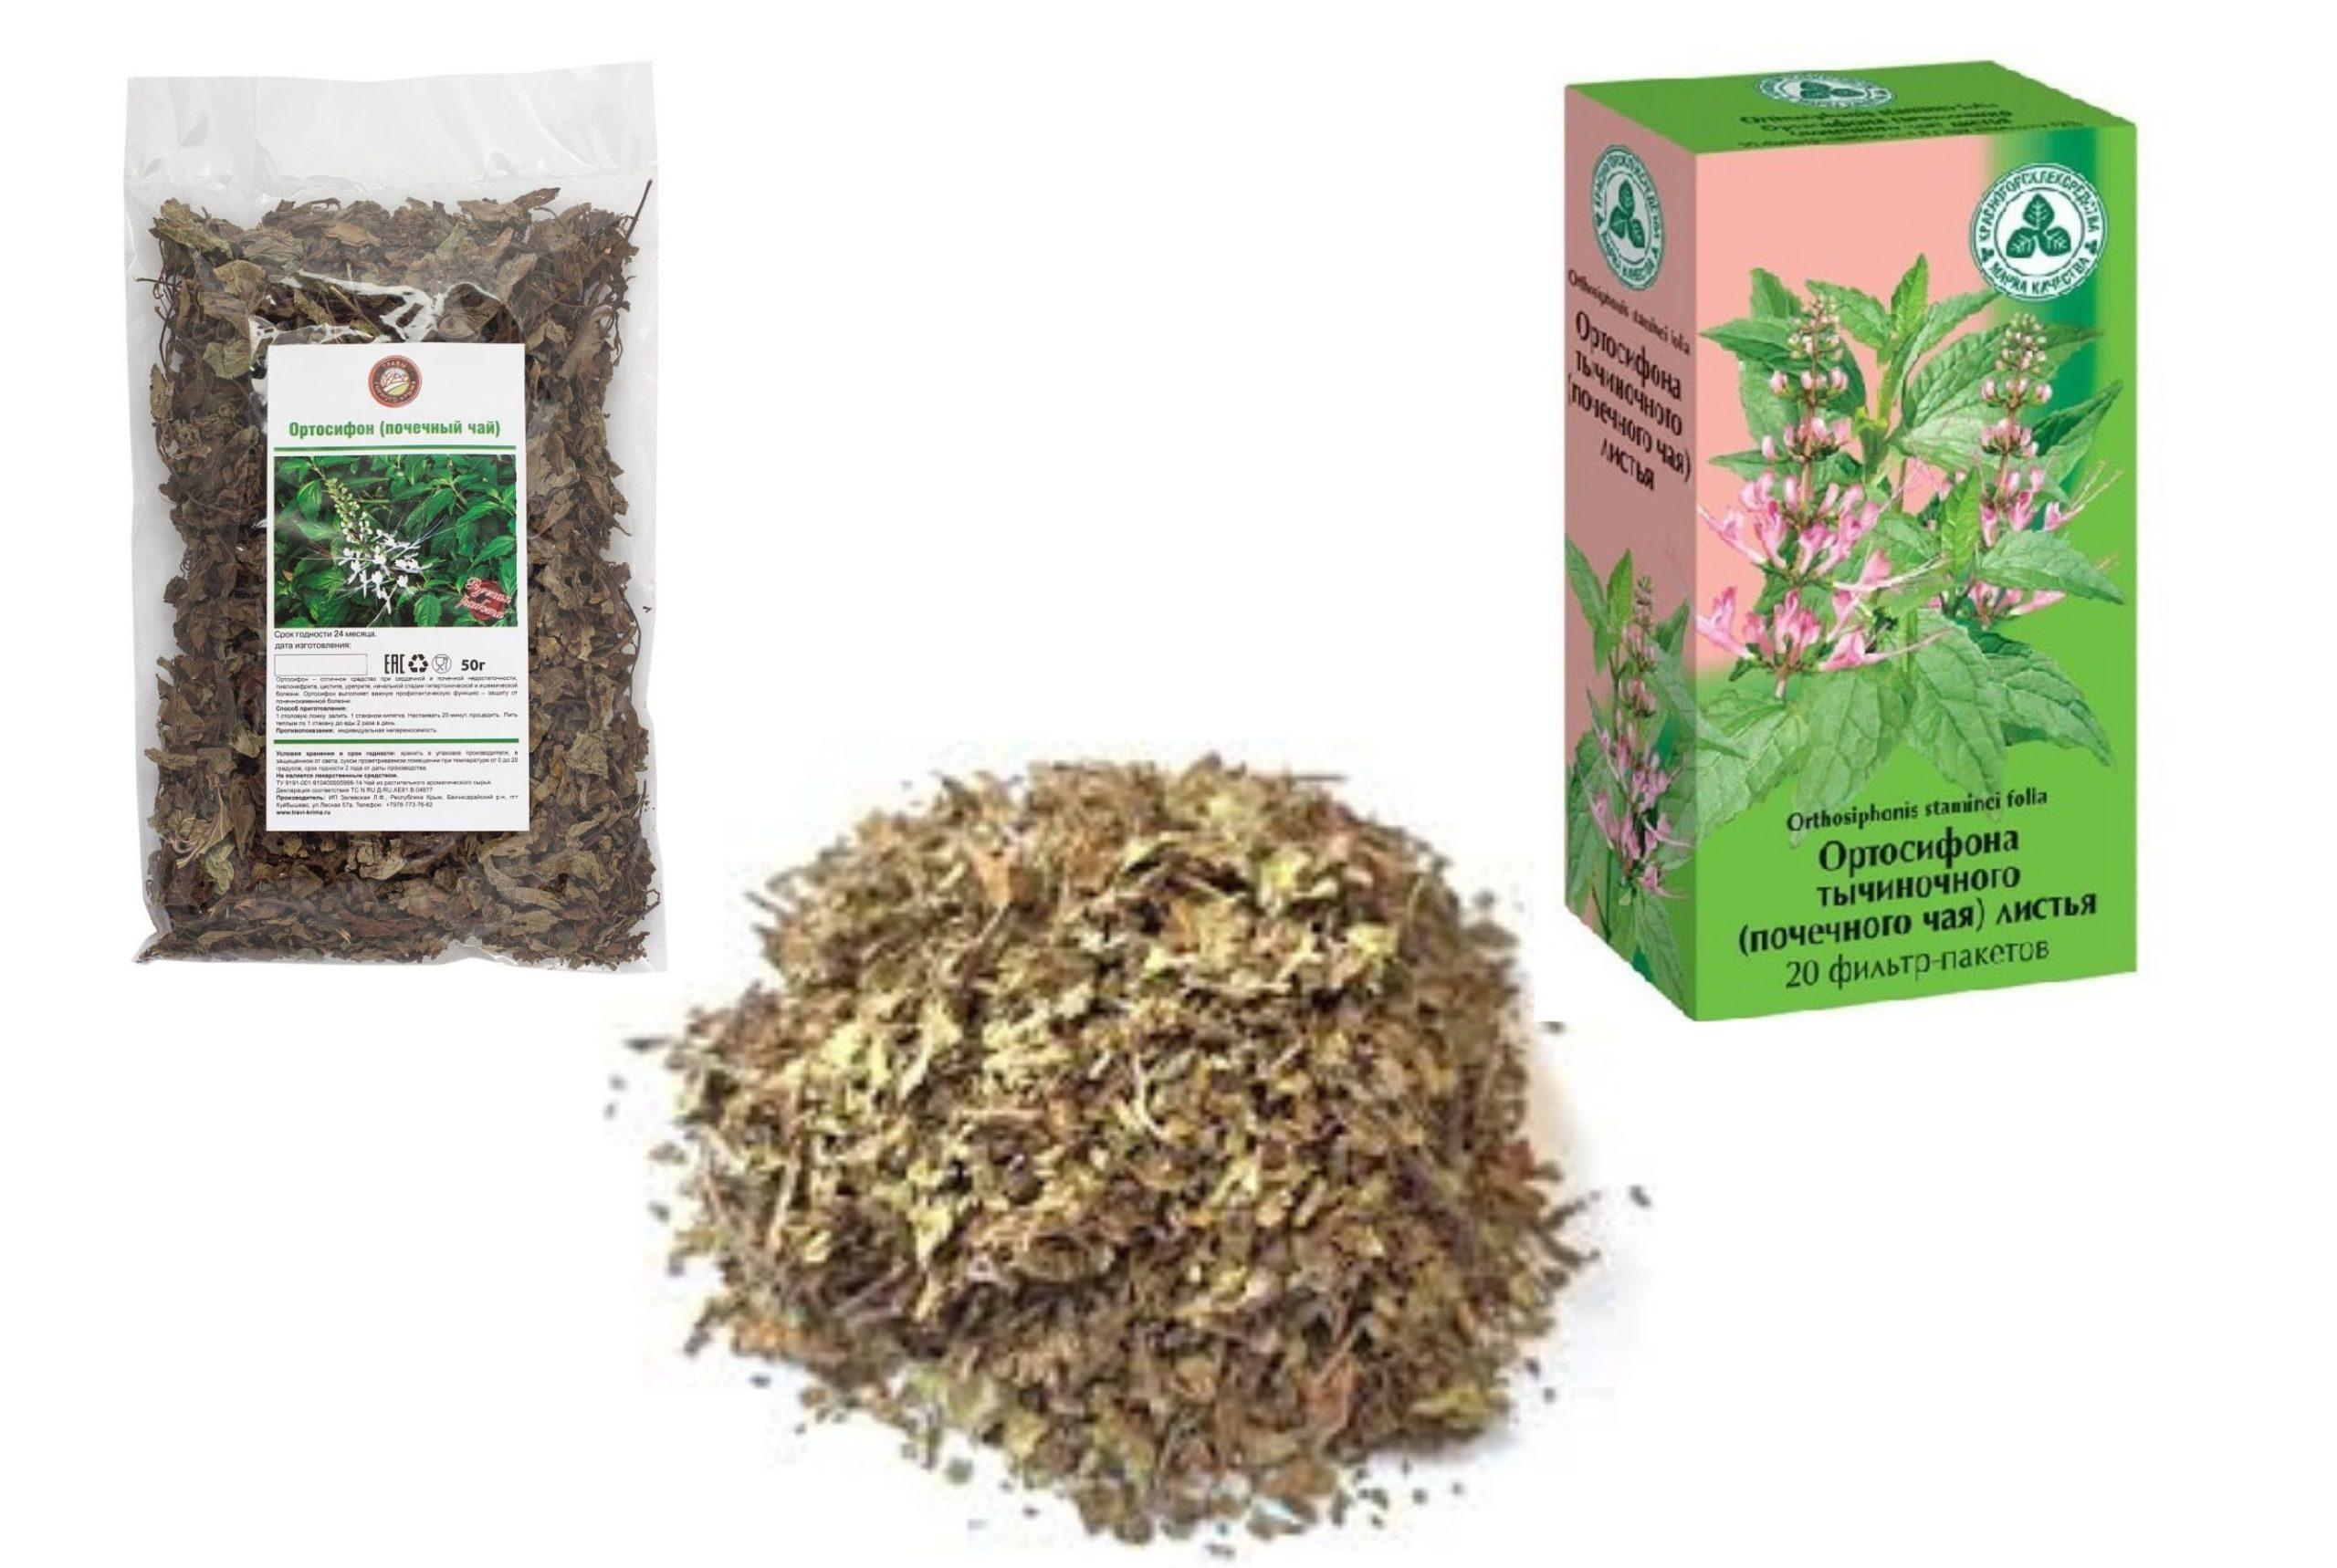 Почечный чай ортосифон полезные свойства и противопоказания